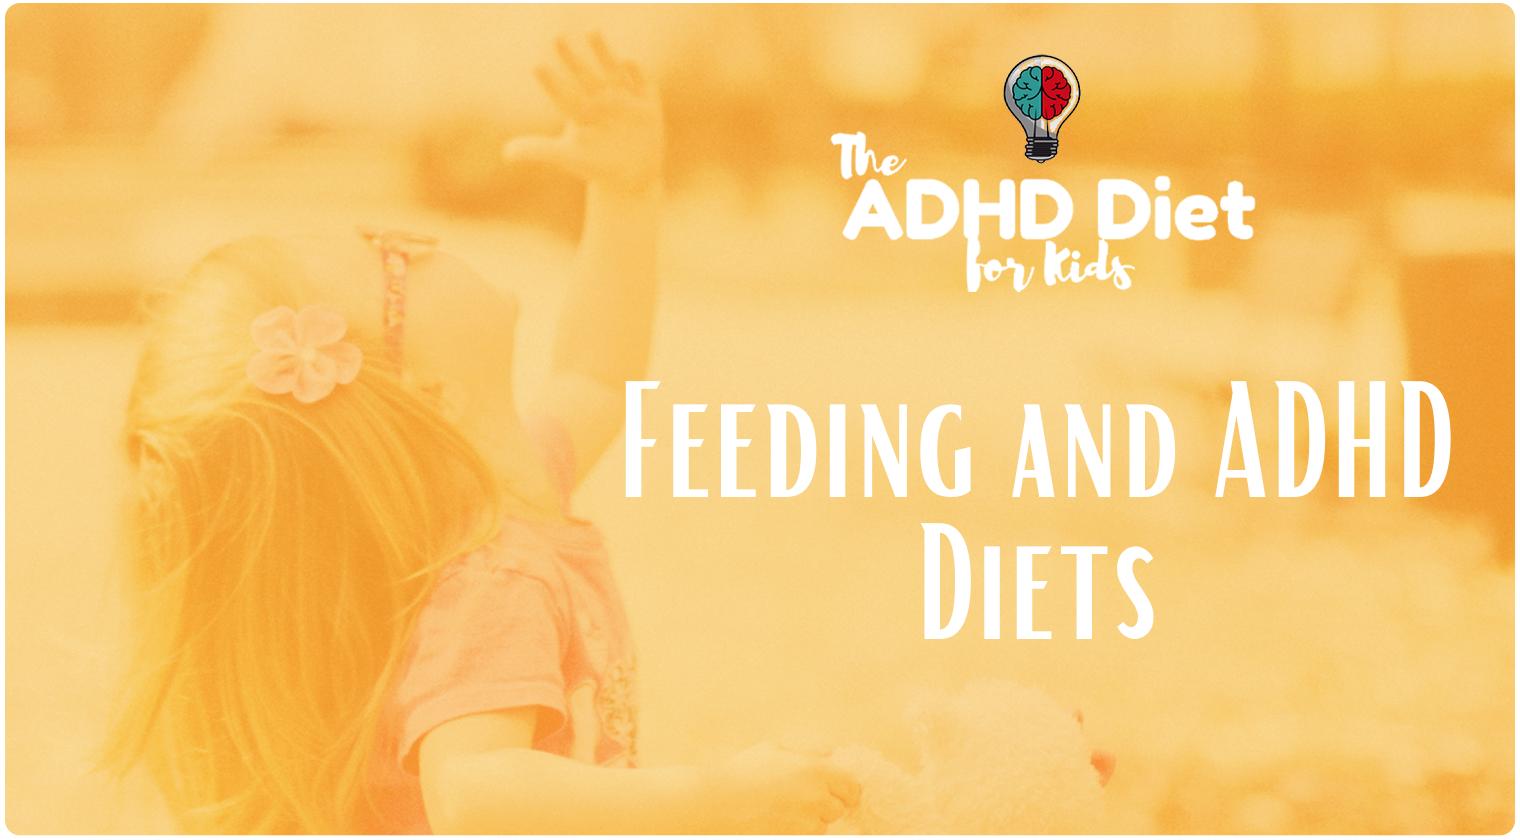 Feeding and ADHD Diets - ADHD Diet